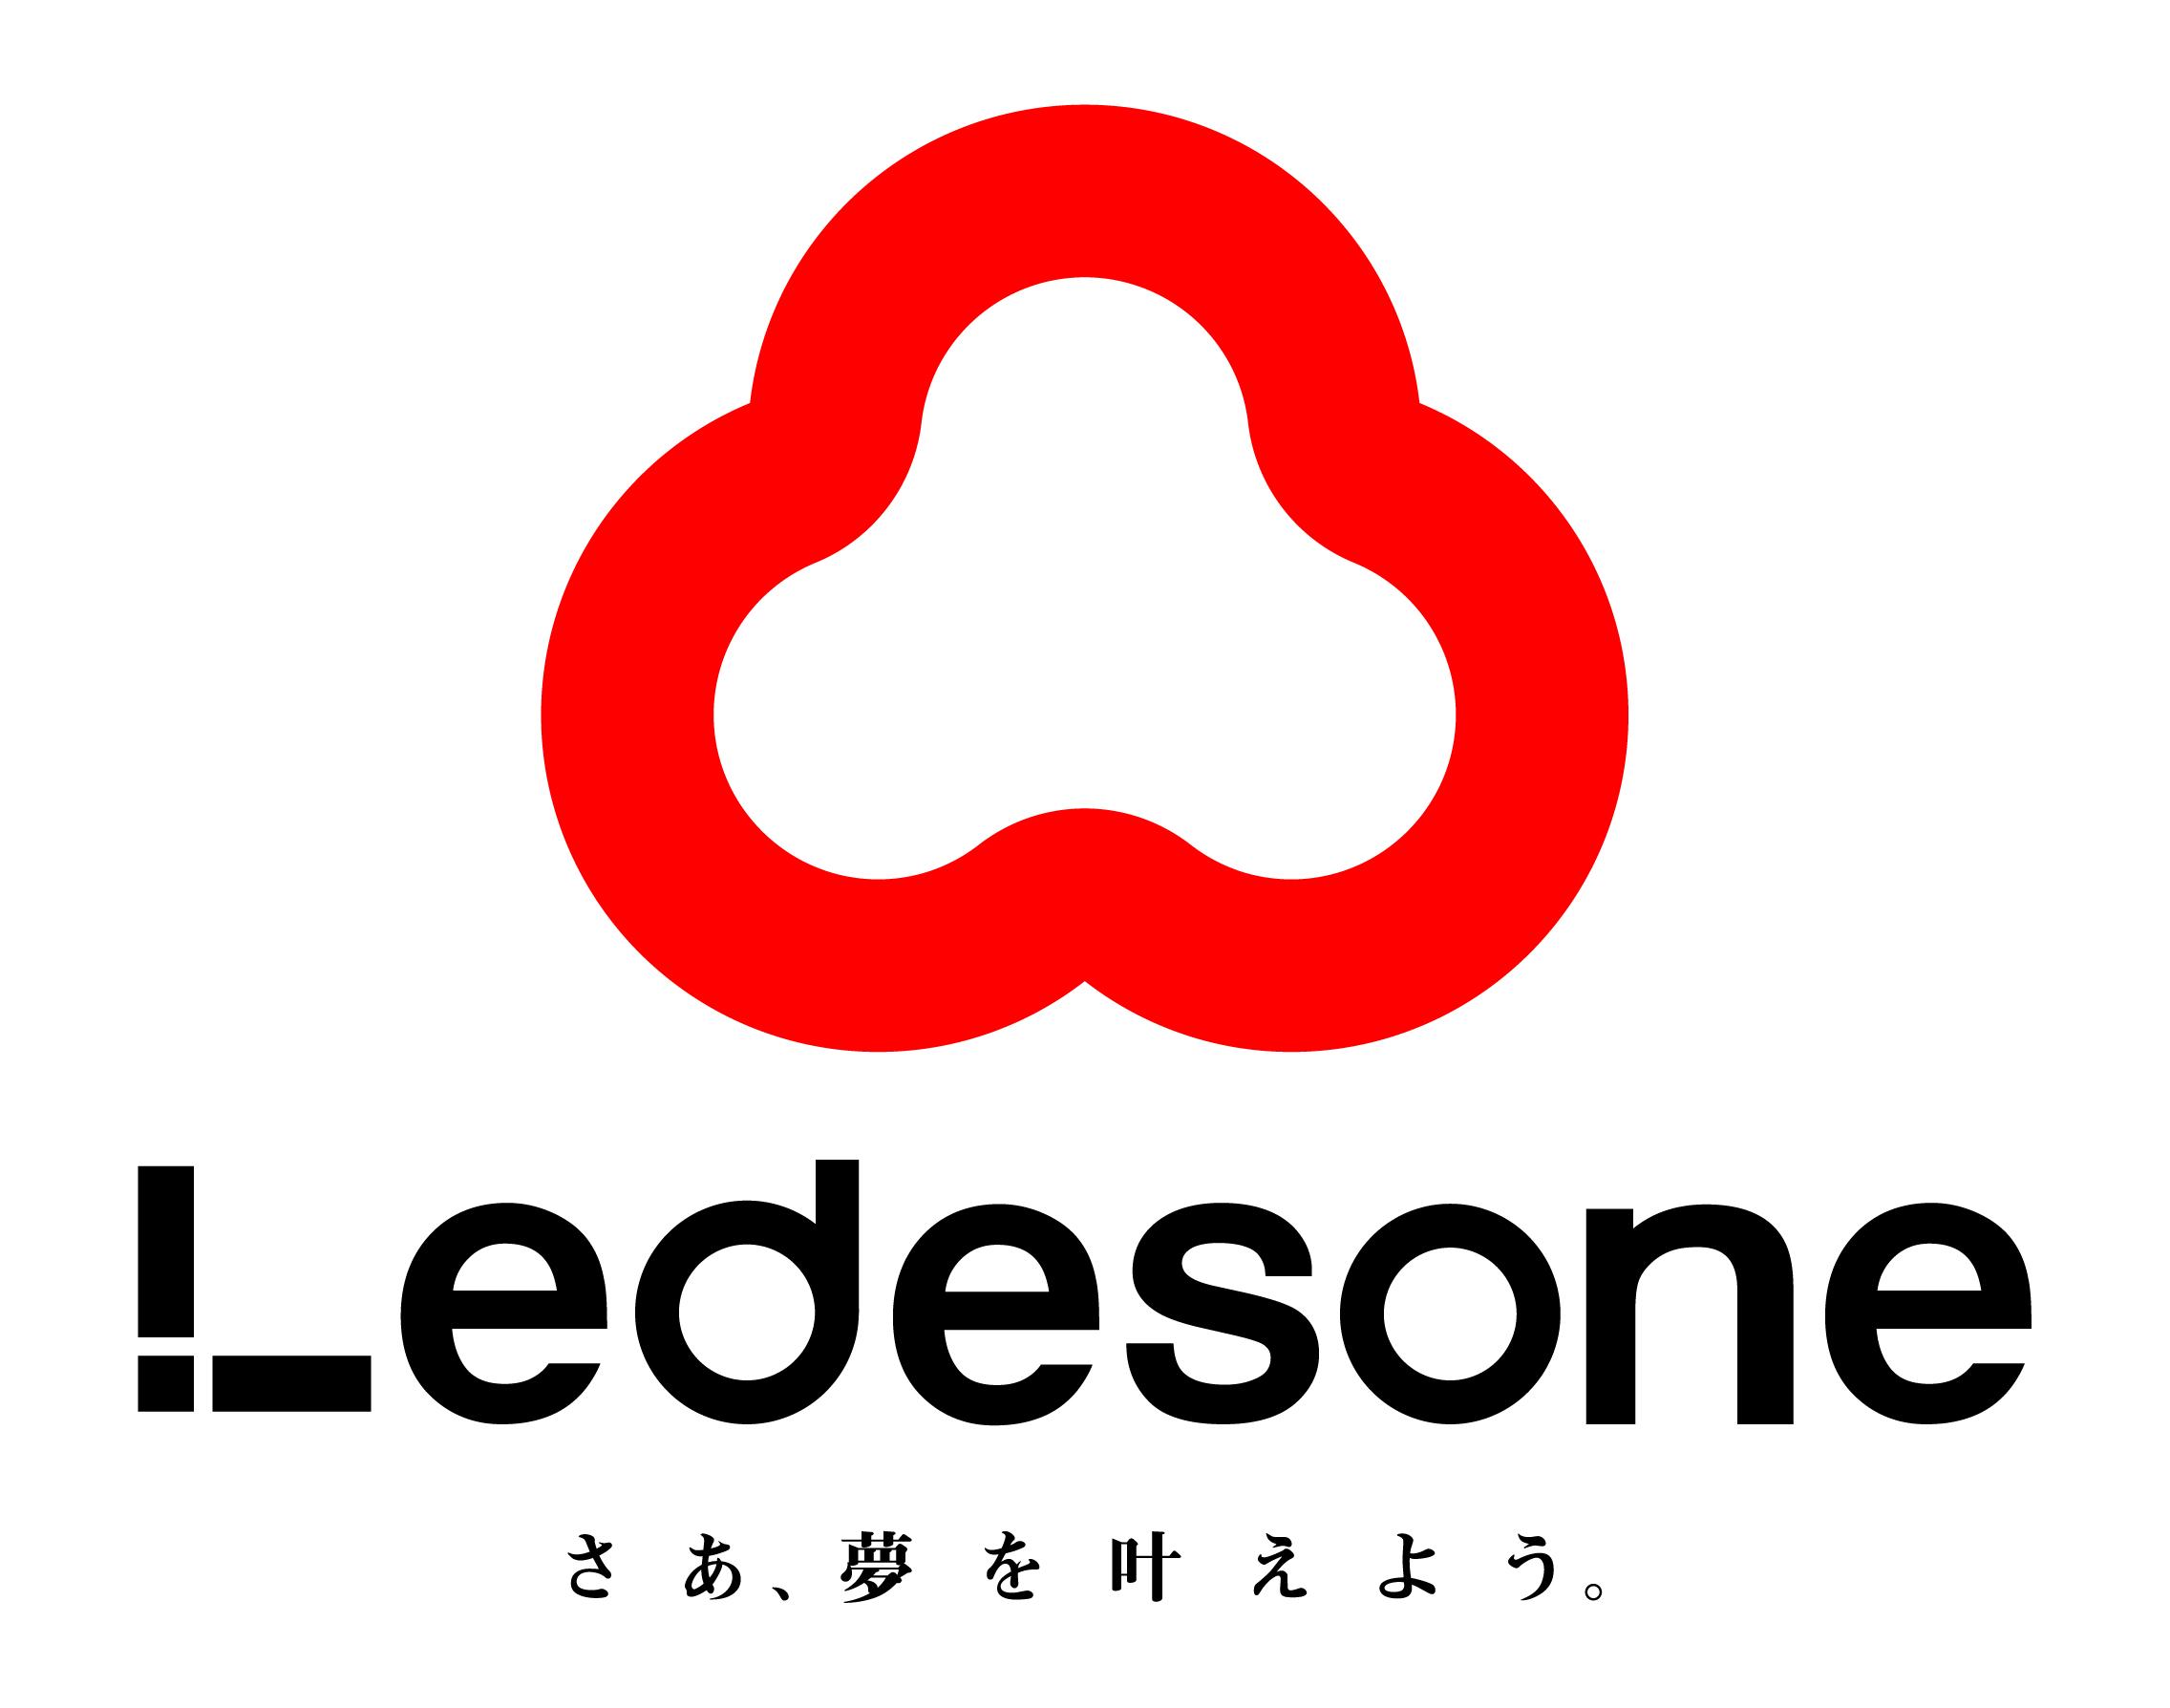 レデソンのロゴ2